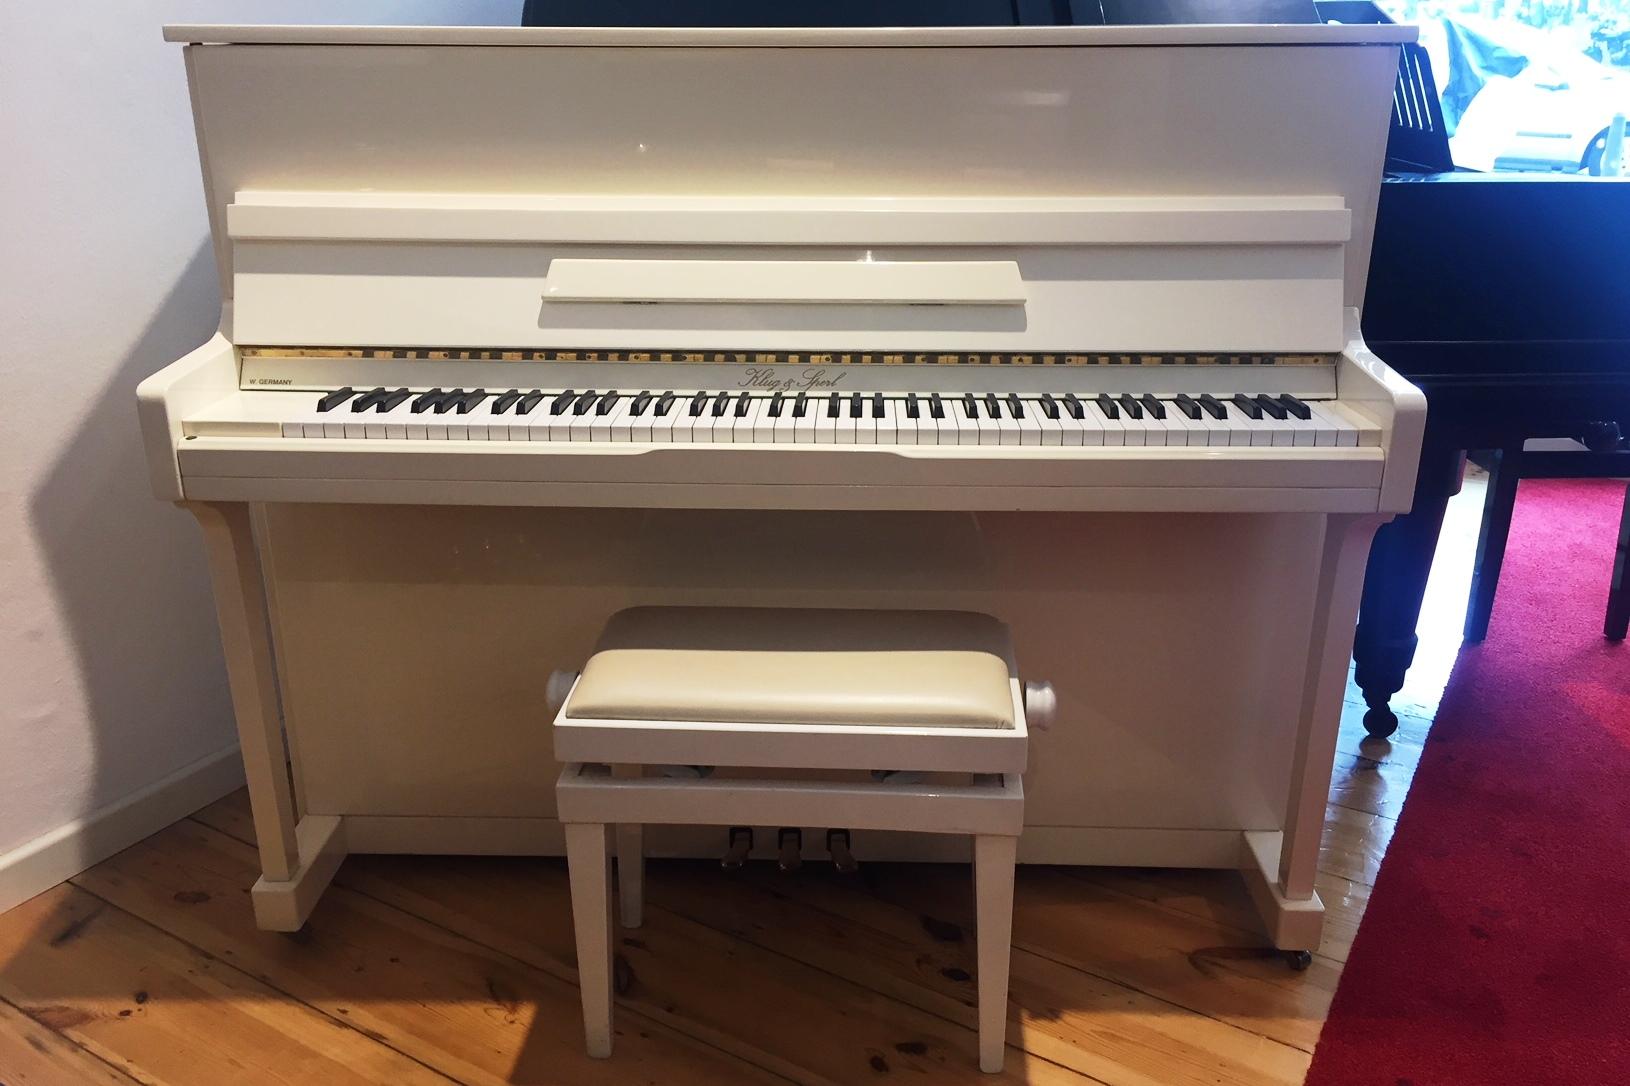 gebrauchte fl gel und klavier berlin pianohaus stieler. Black Bedroom Furniture Sets. Home Design Ideas